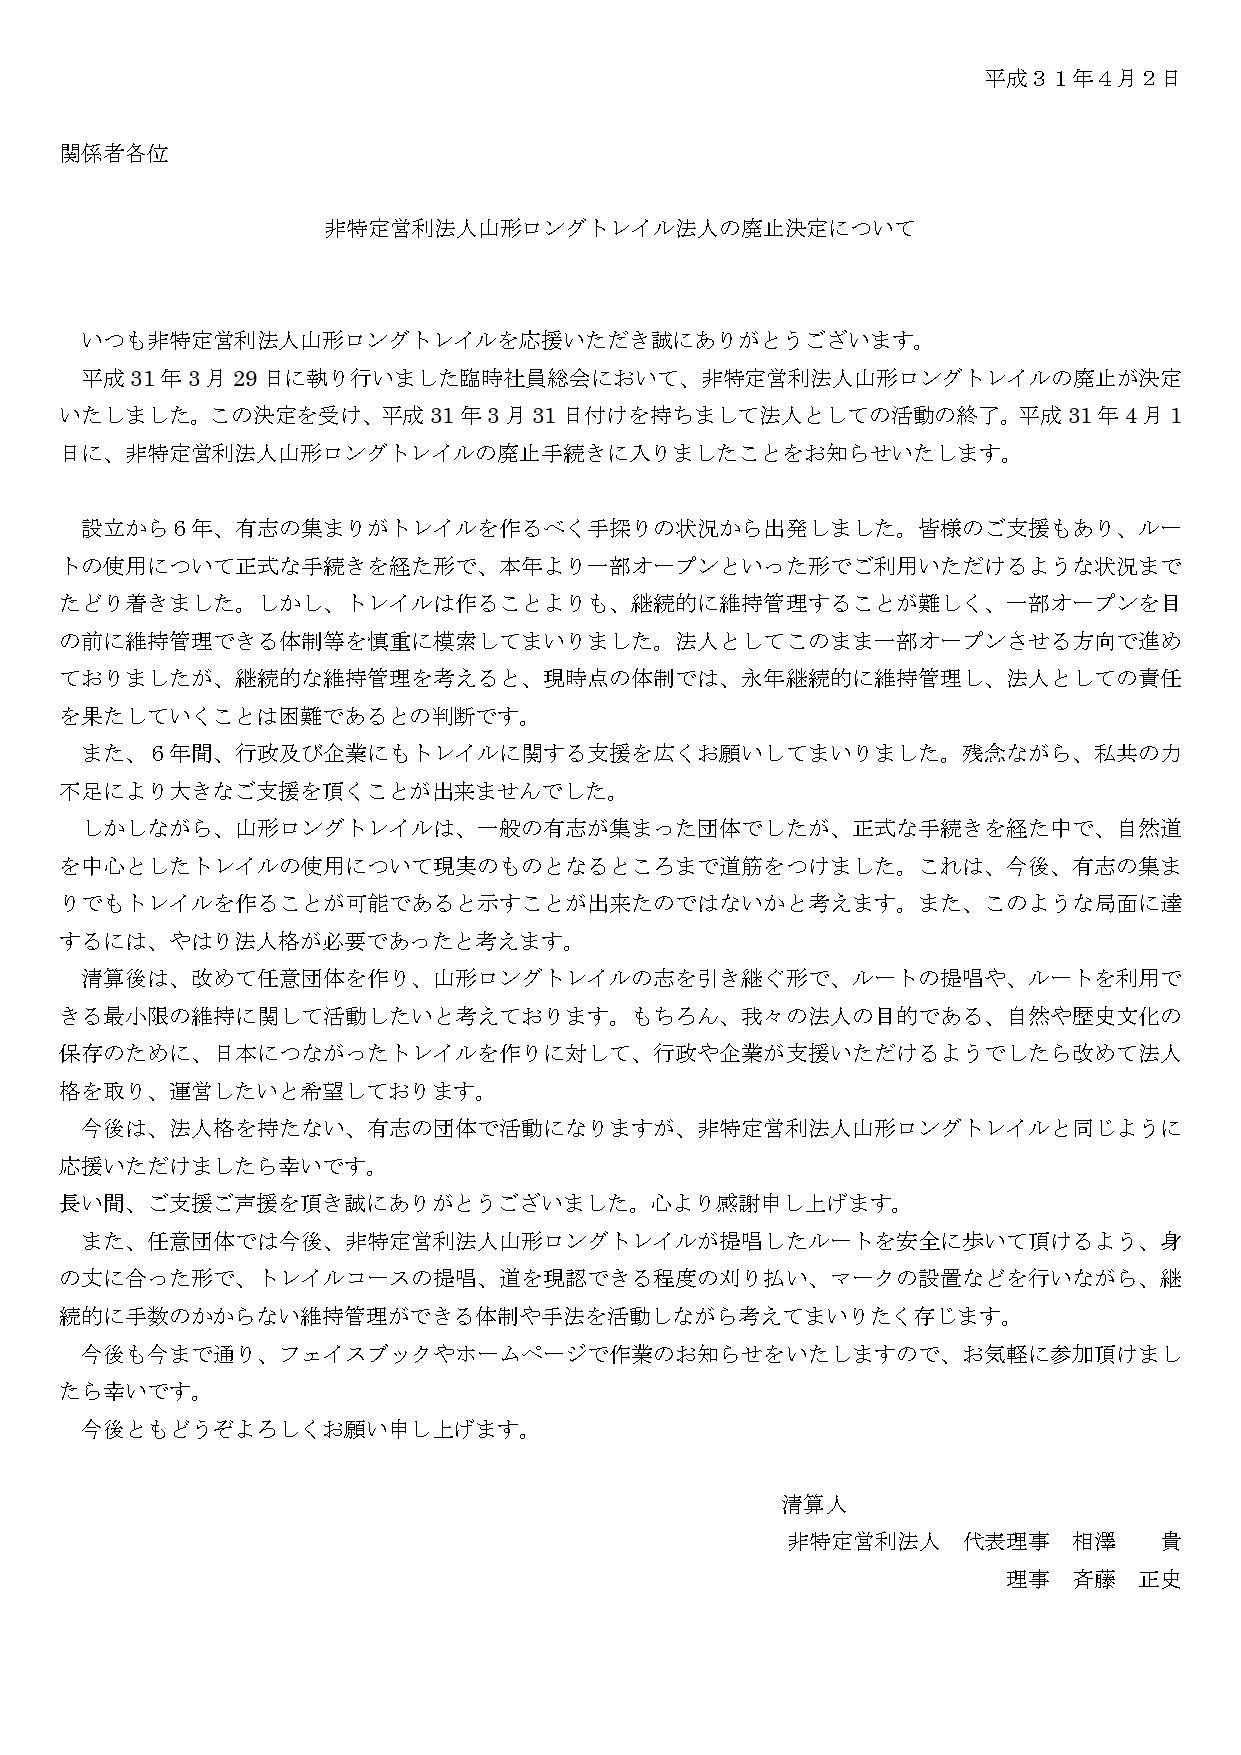 山形ロングトレイルお知らせ_page-0001